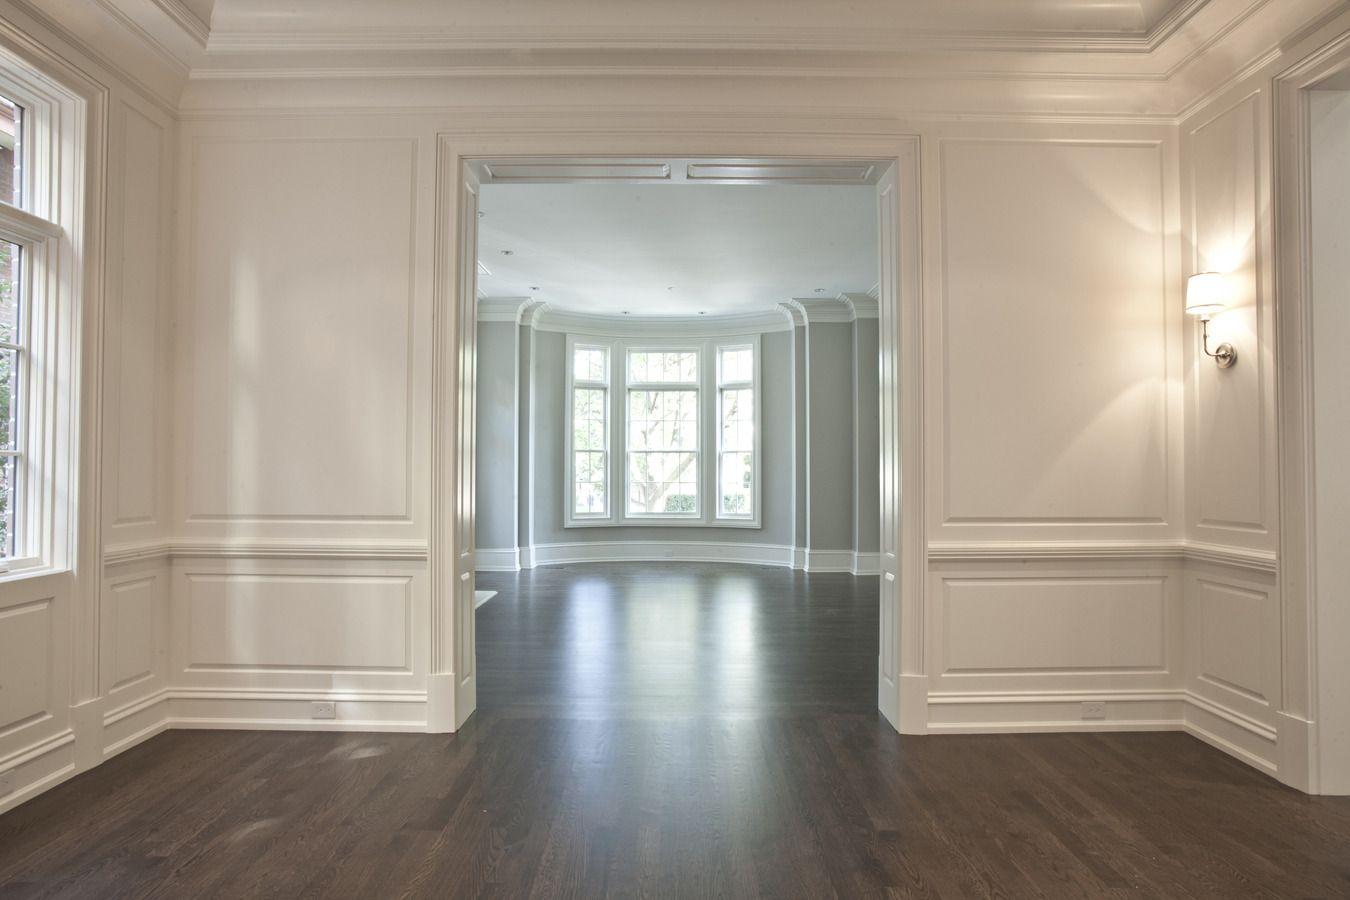 Küchendesign offener grundriss in love with these walls  interior  pinterest  haus wohnen und raum